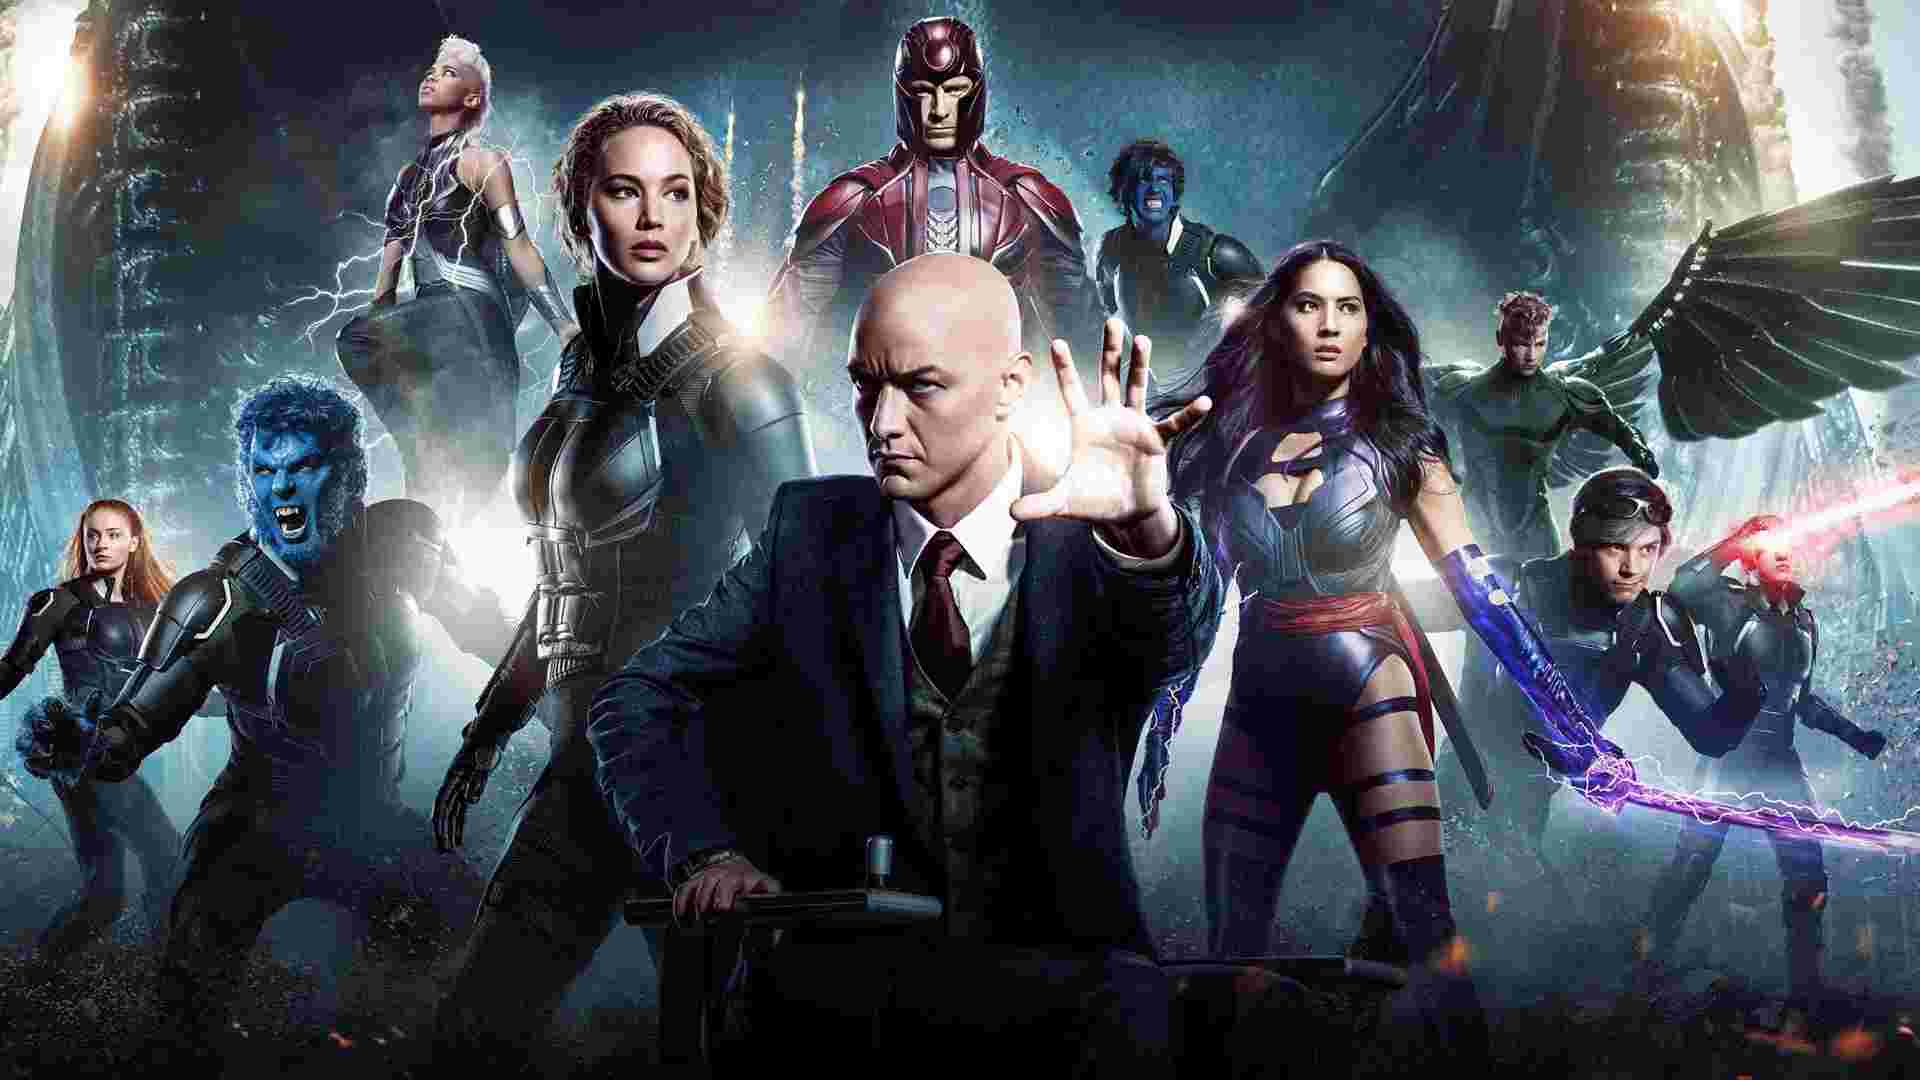 Огляд фільму Люди Ікс: Апокаліпсис | Обзор